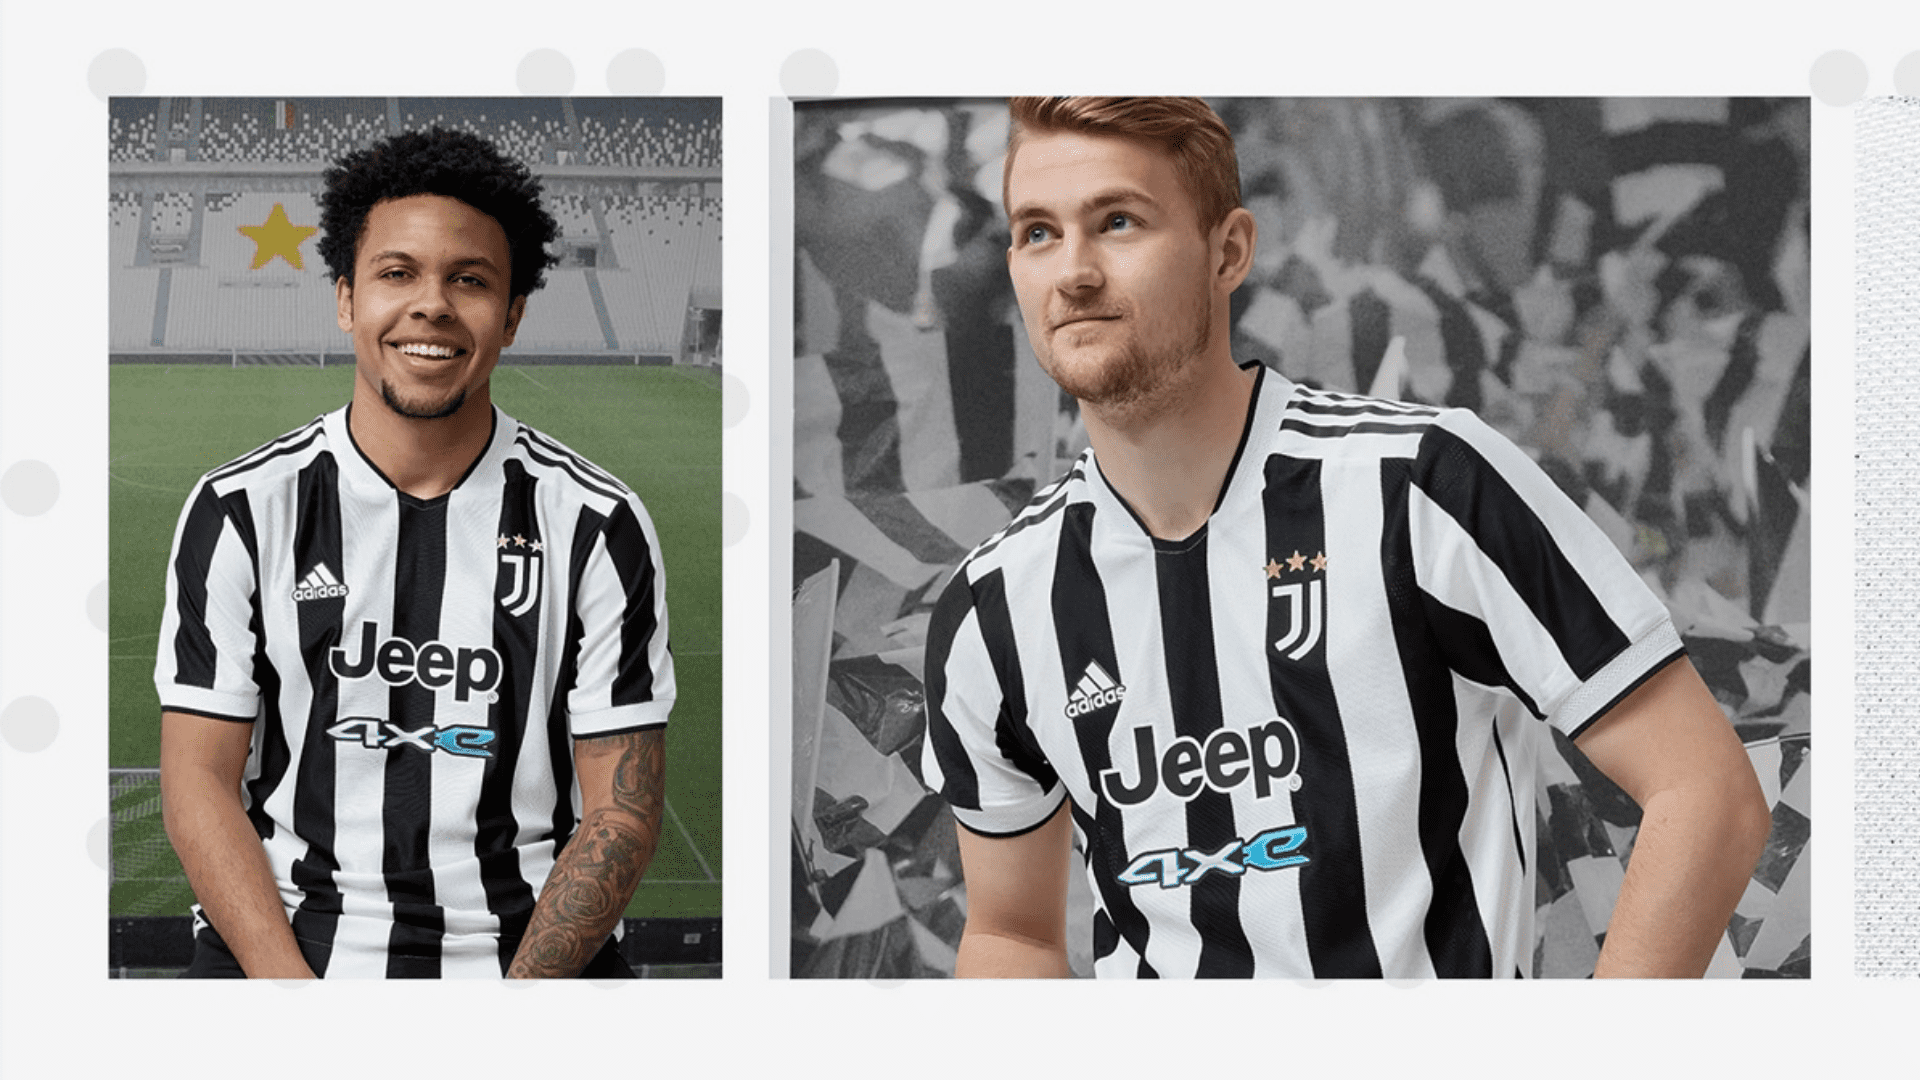 Conheça os modelos de camisa da Juventus para comprar em 2021! (Imagem: Divulgação/Adidas)